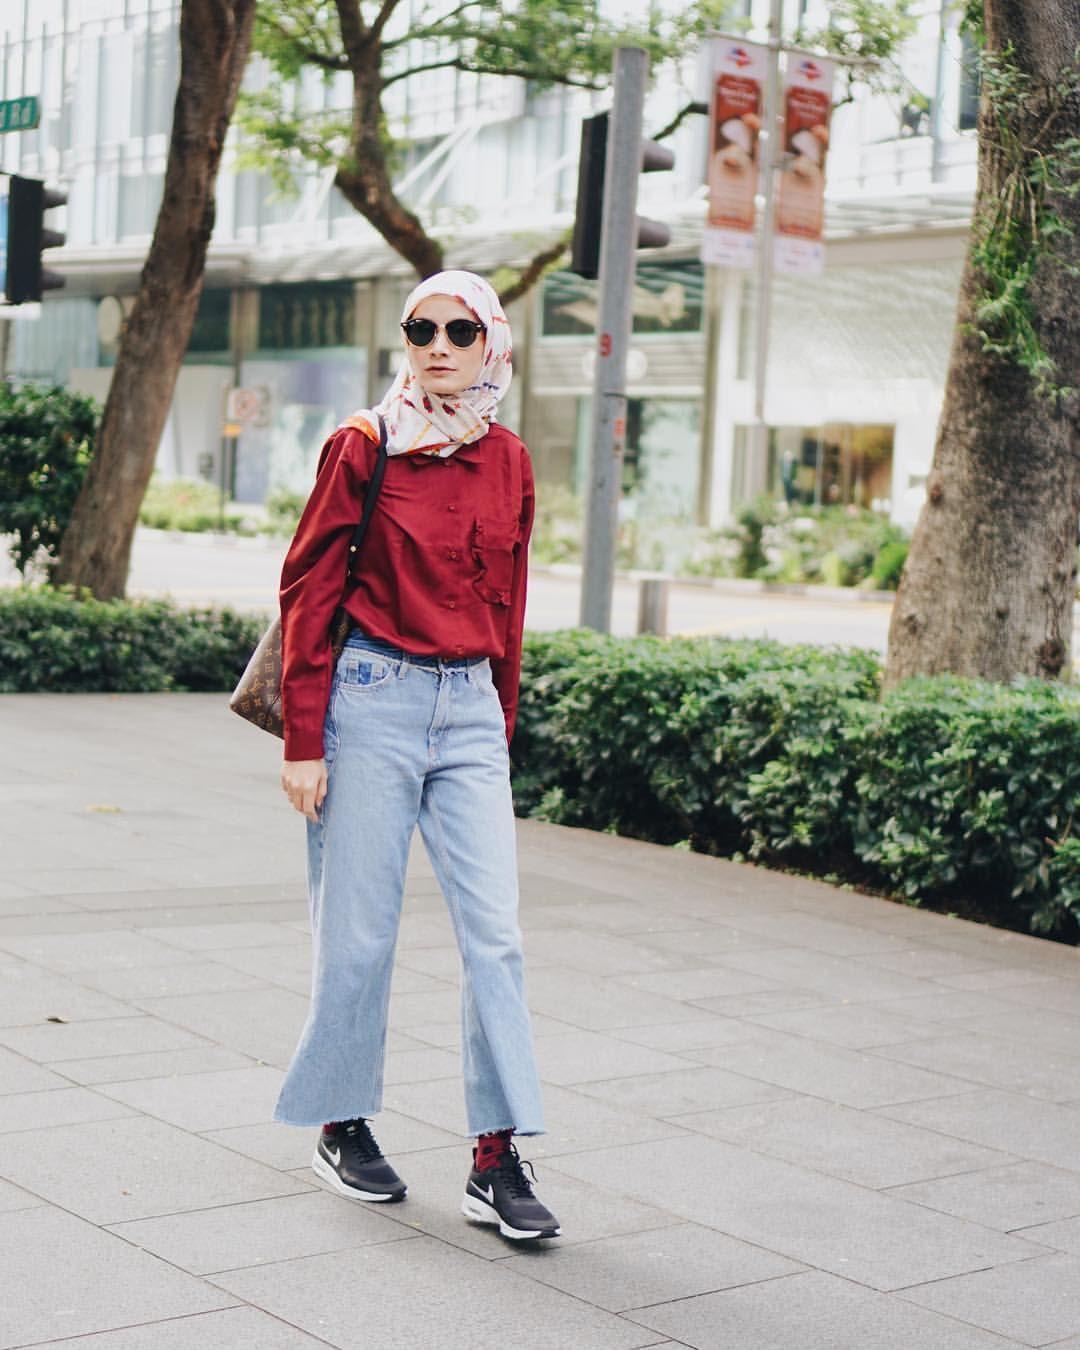 Dhaturembulan hijab style pinterest